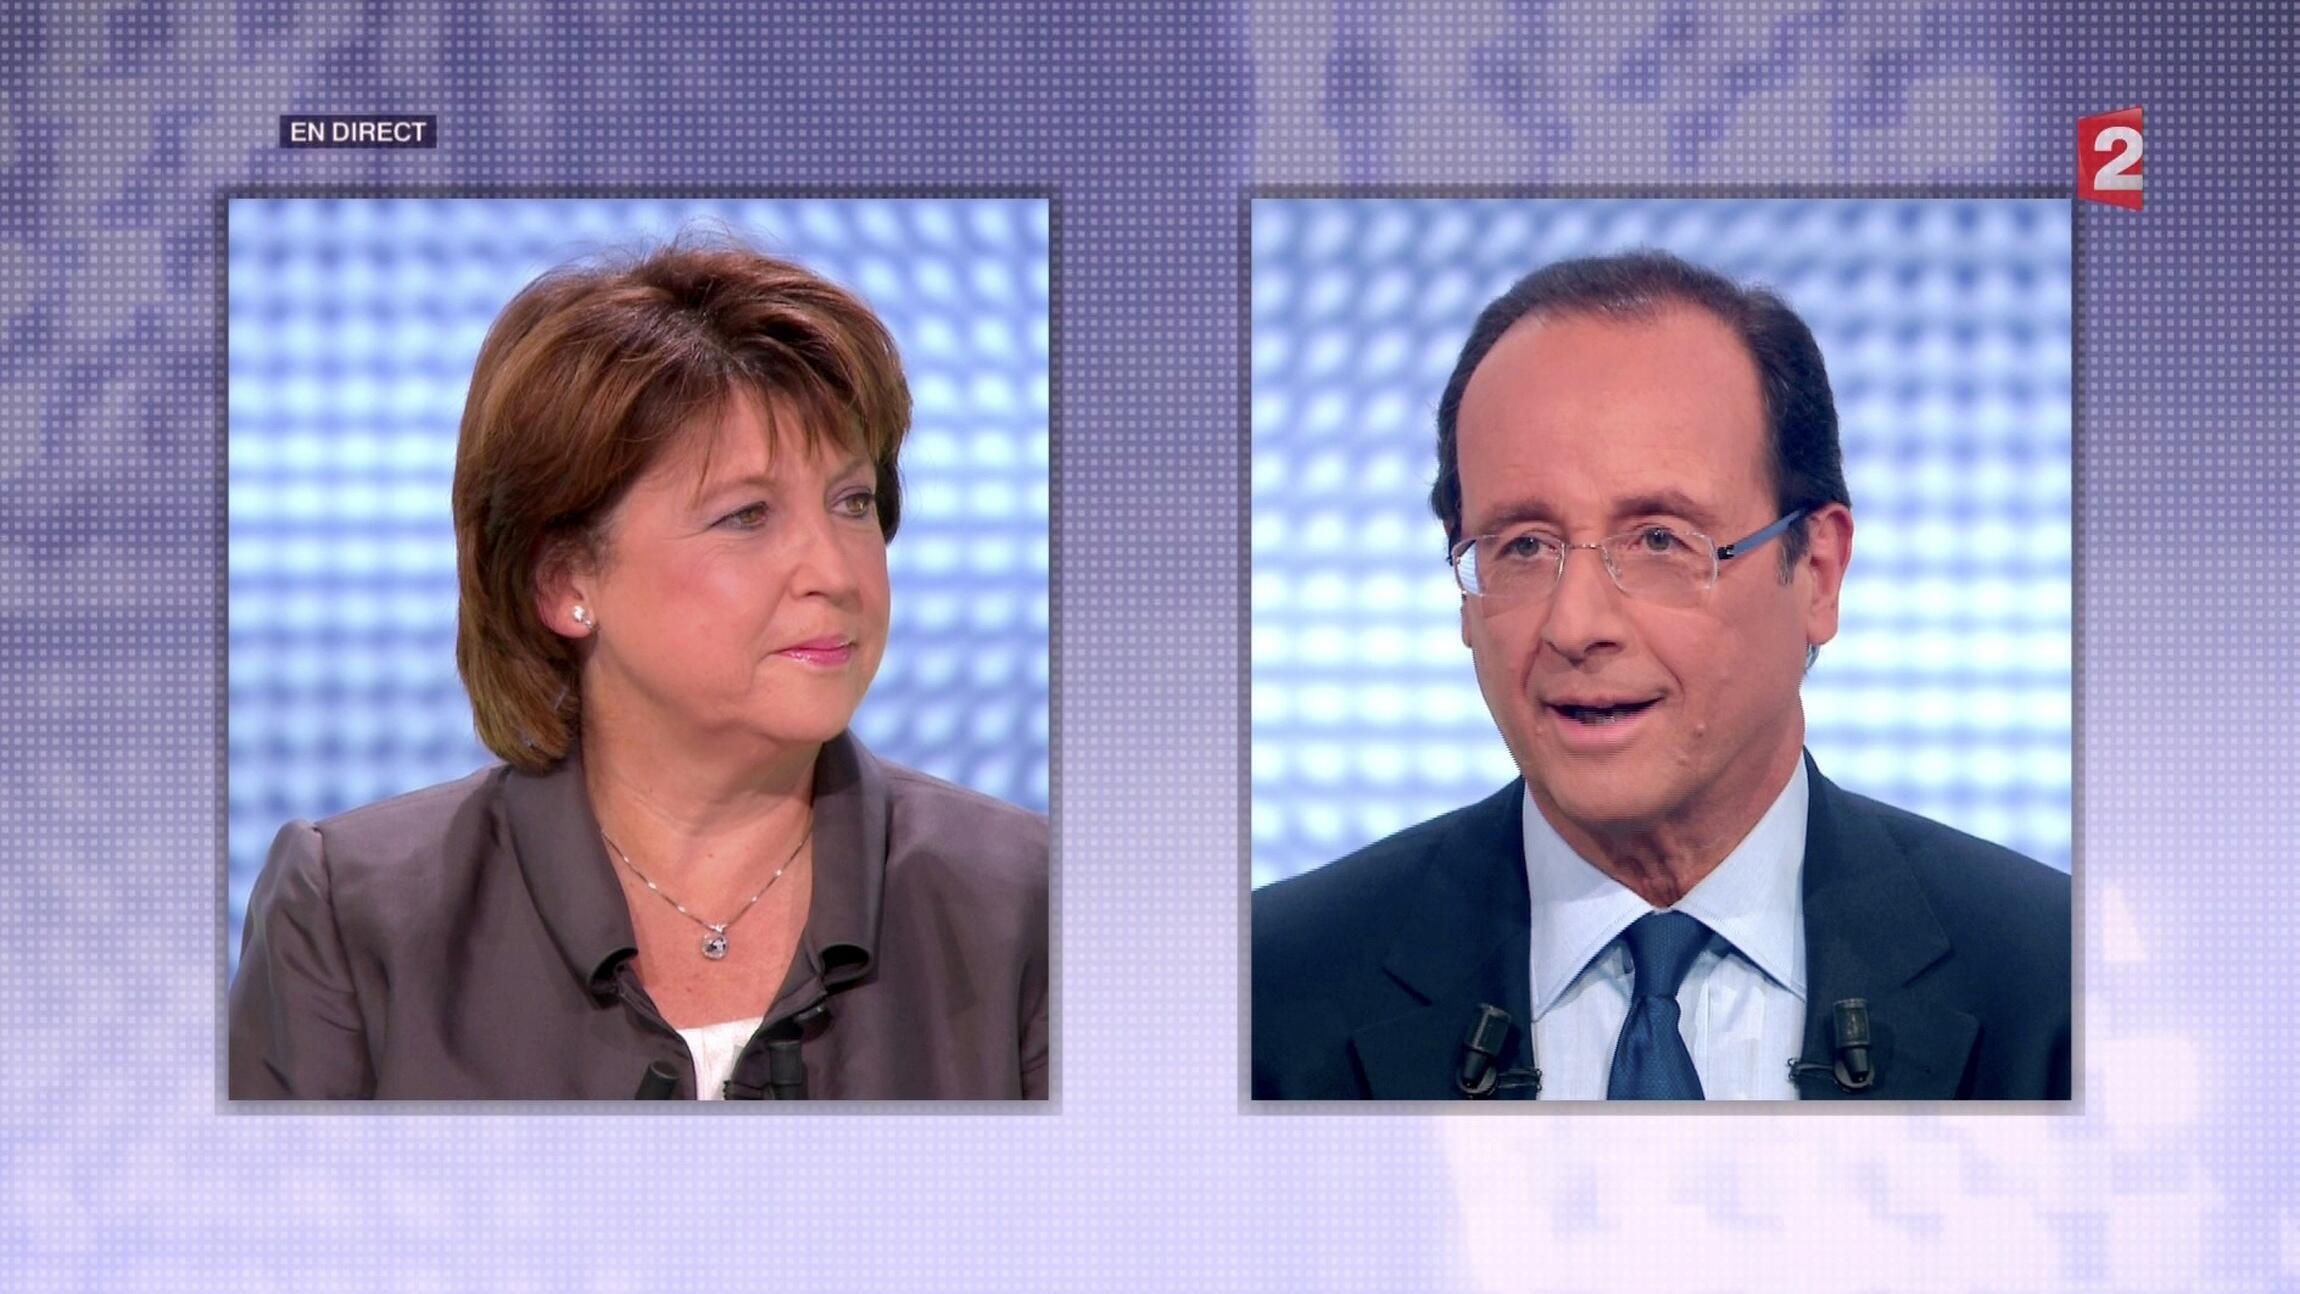 Martine Aubry (à esquerda) e Francois Hollande (à direita) disputam indicação socialista neste domingo.